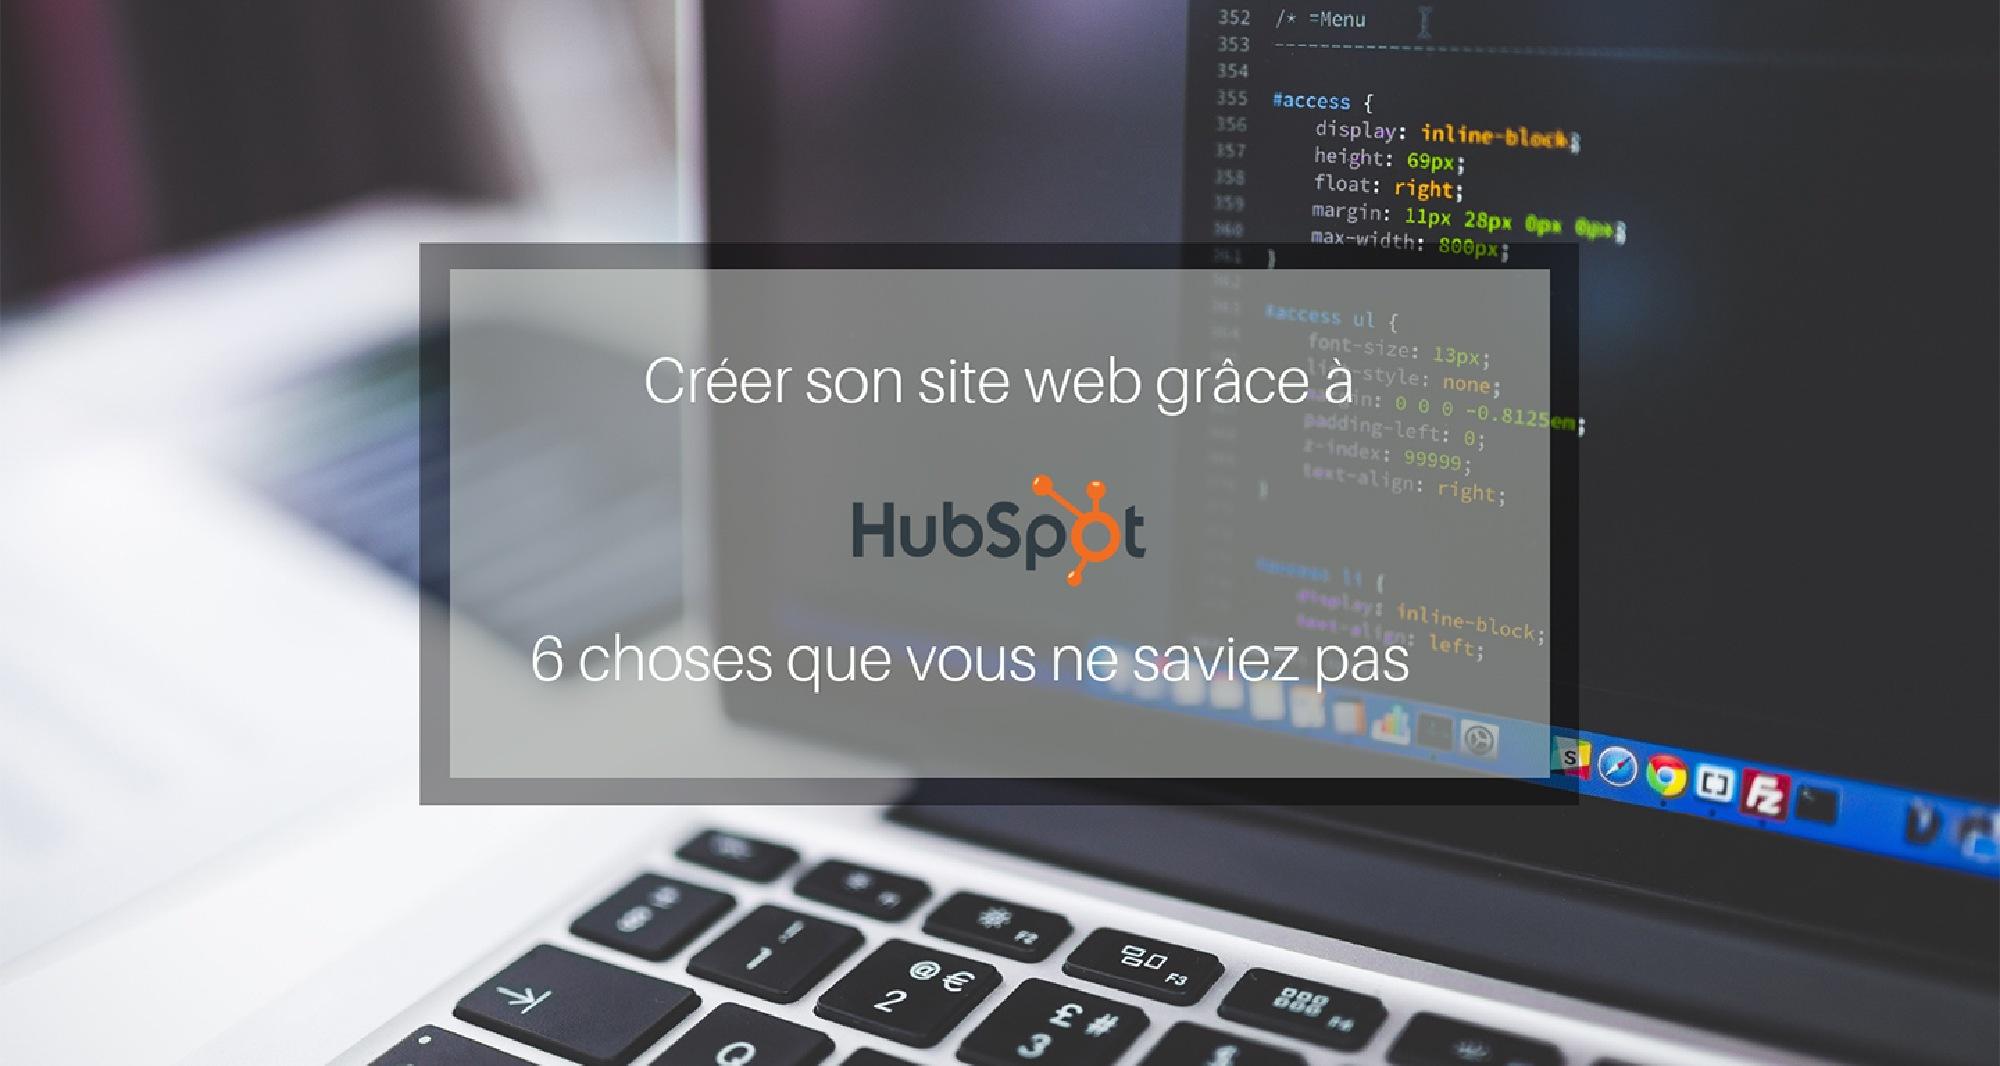 Créer son site web grâce à Hubspot : 6 choses que vous ne saviez pas